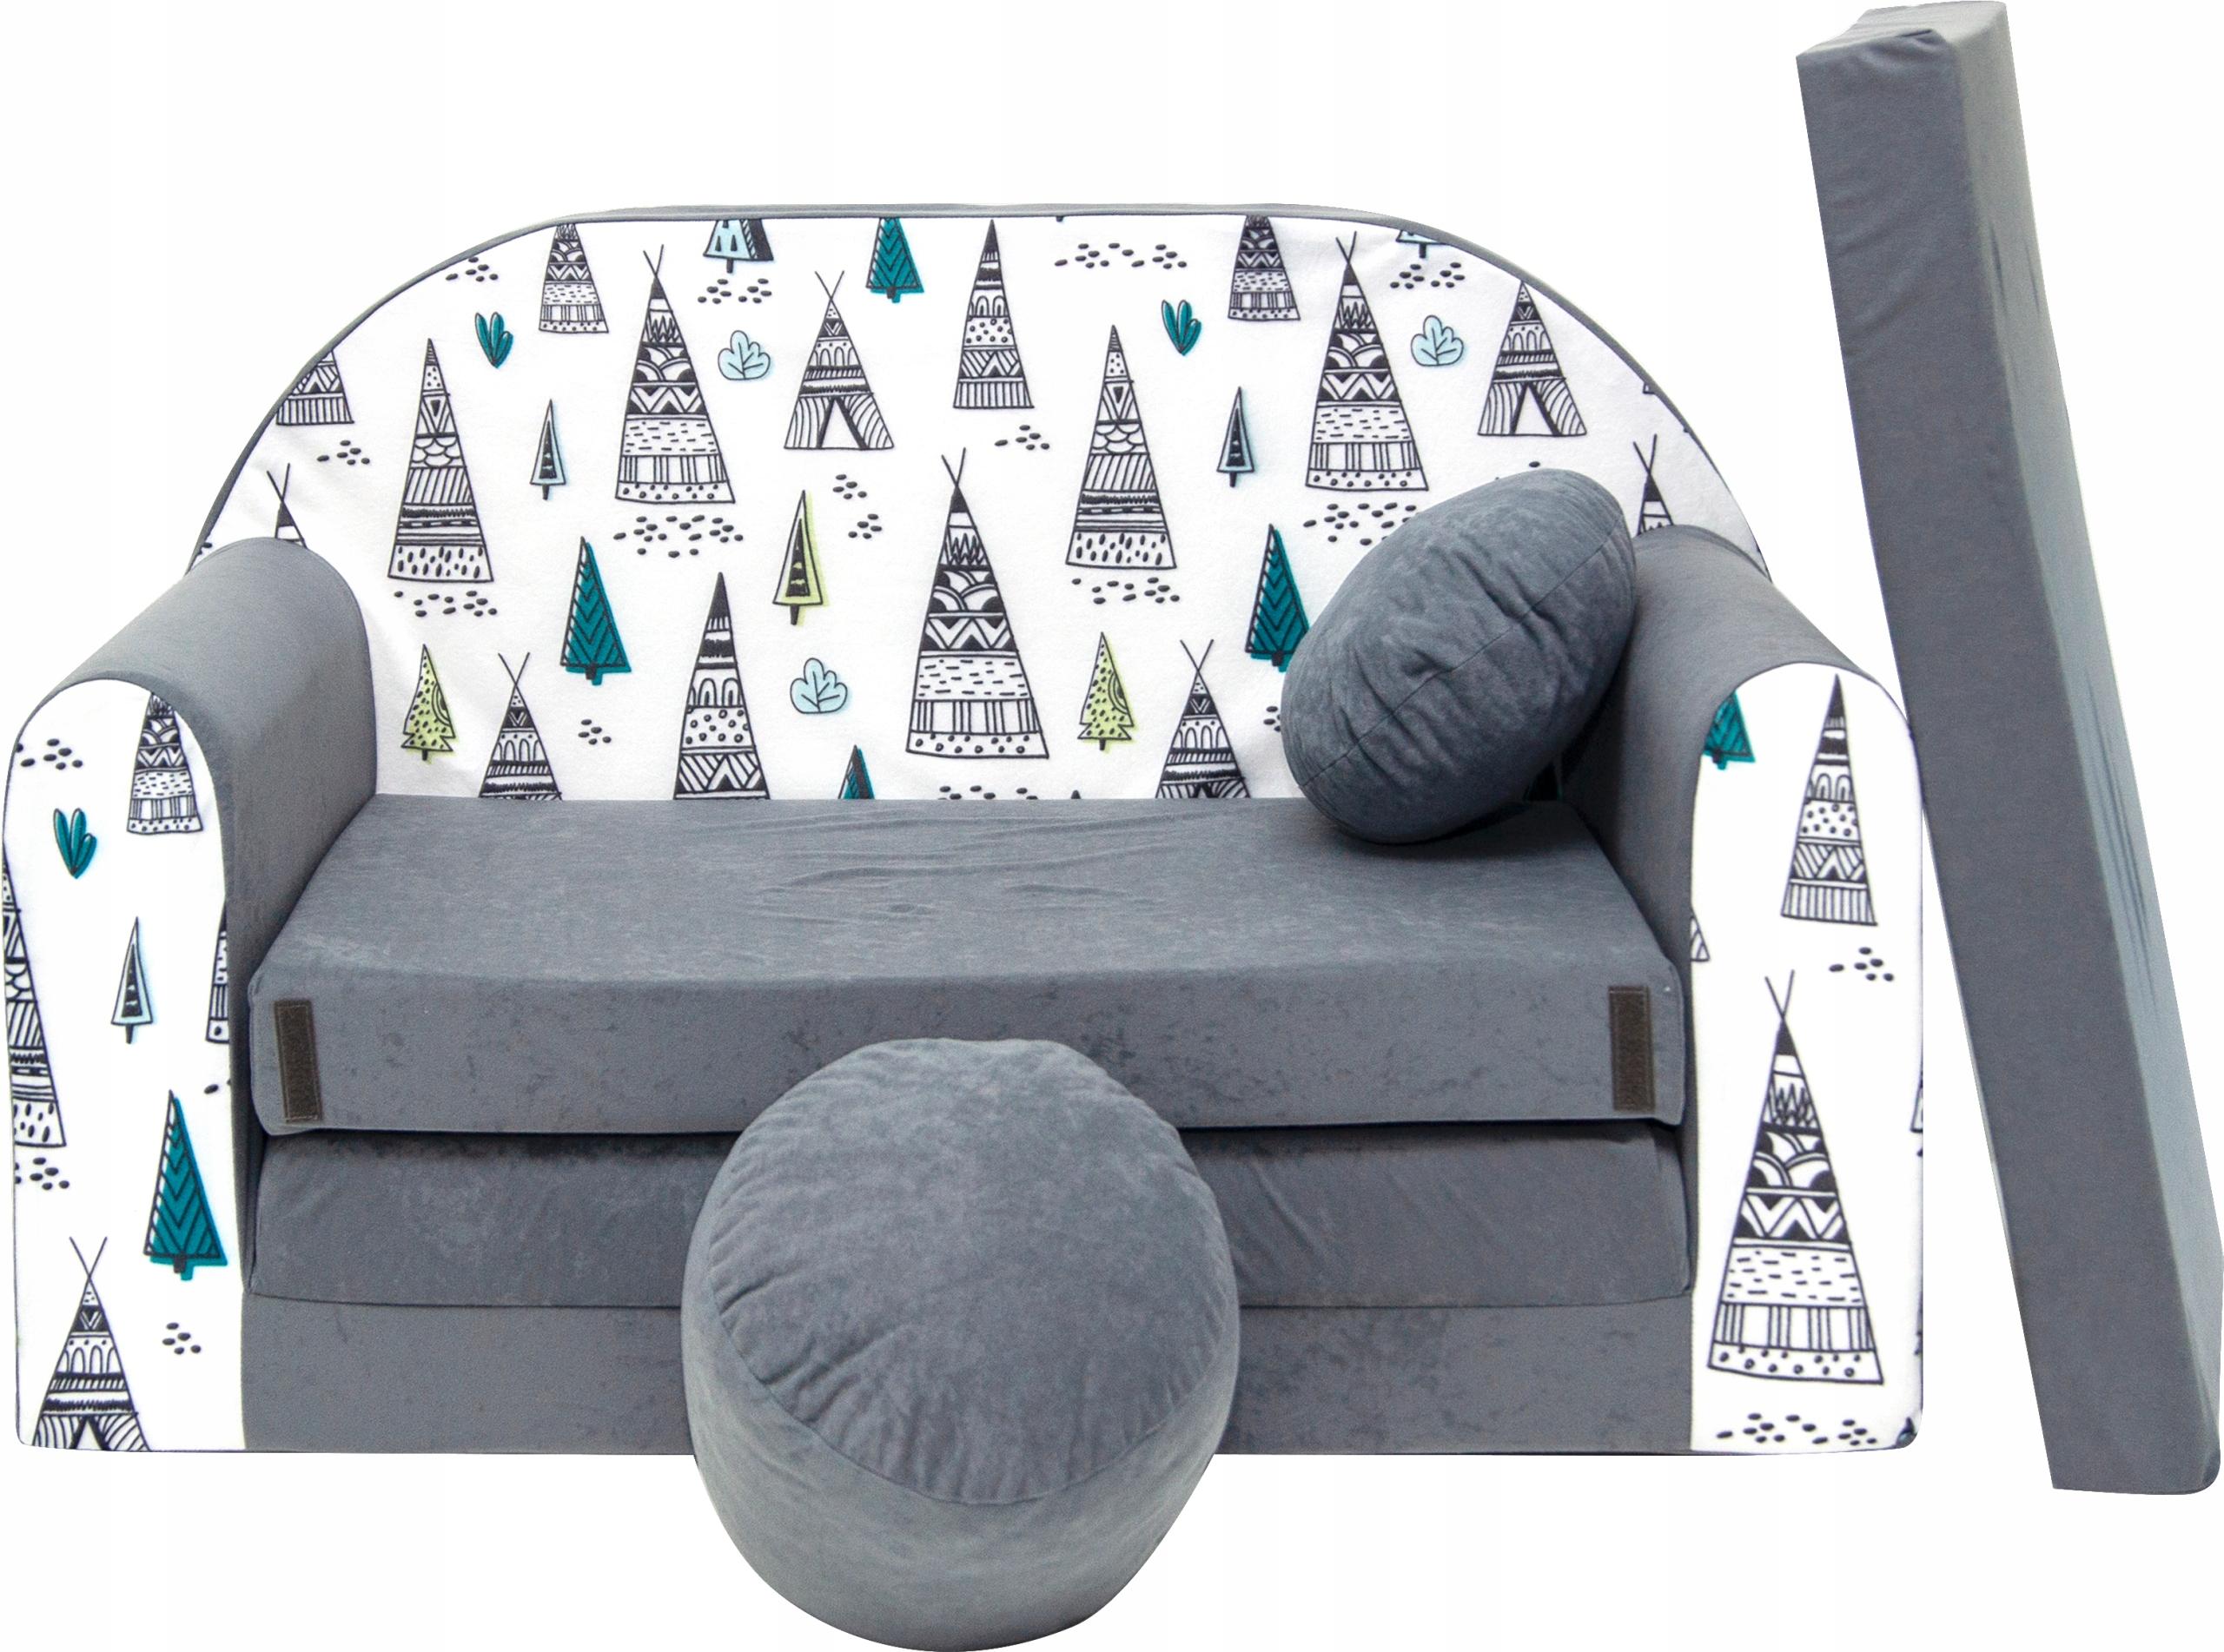 SOFA SOFA BED для детей, кровать, подушка